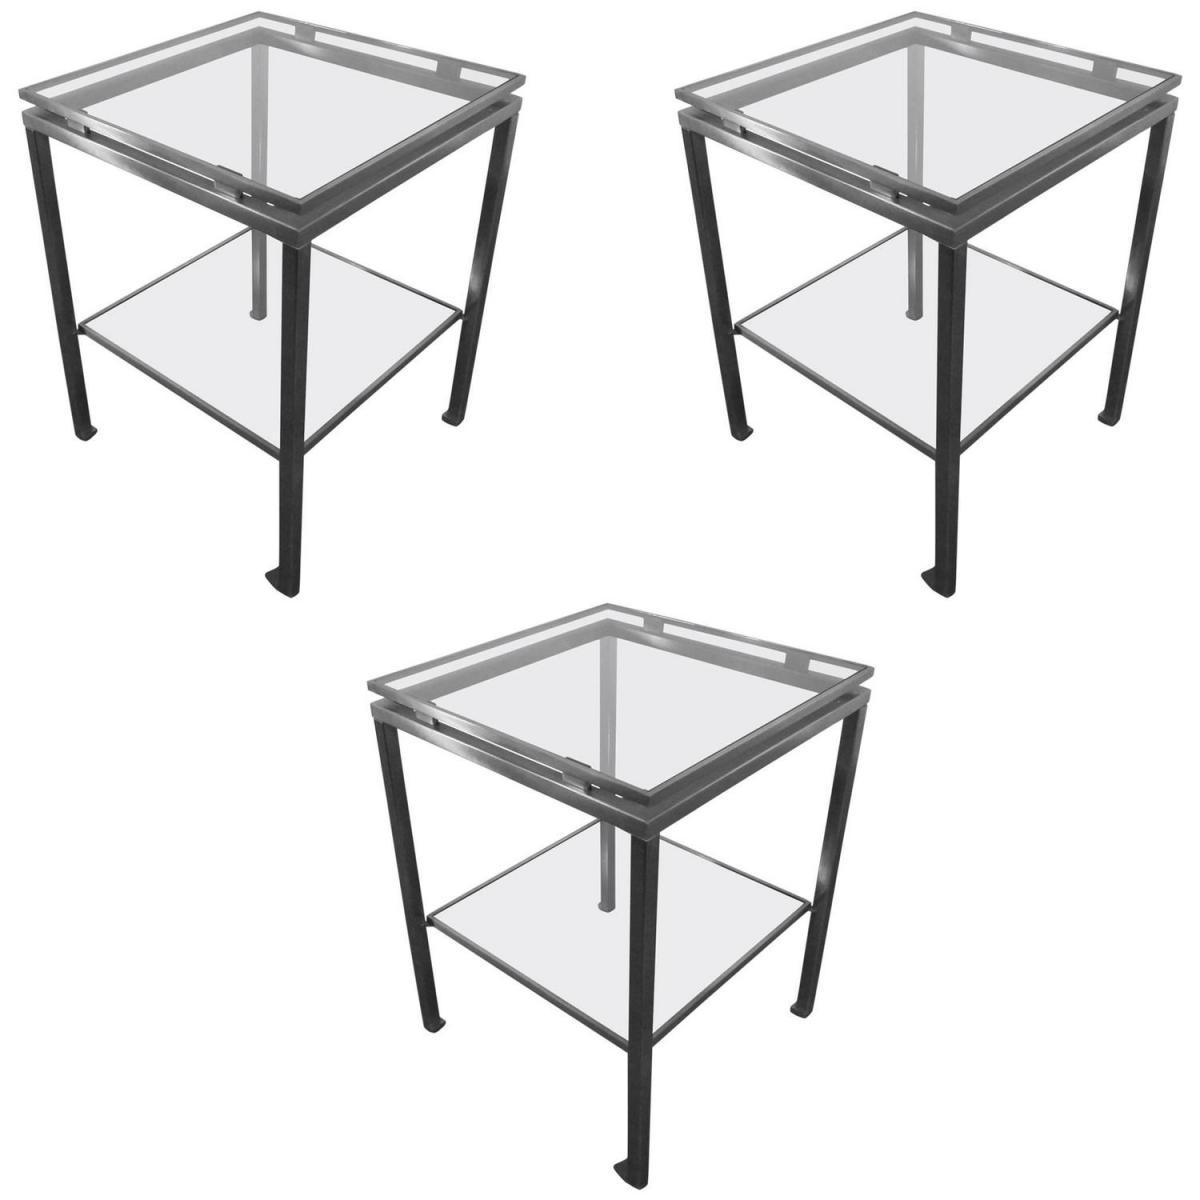 Guy Lefevre. Série De 3 Tables d'Appoint En Acier Brossé Et Verre Teinté. Maison Jansen.